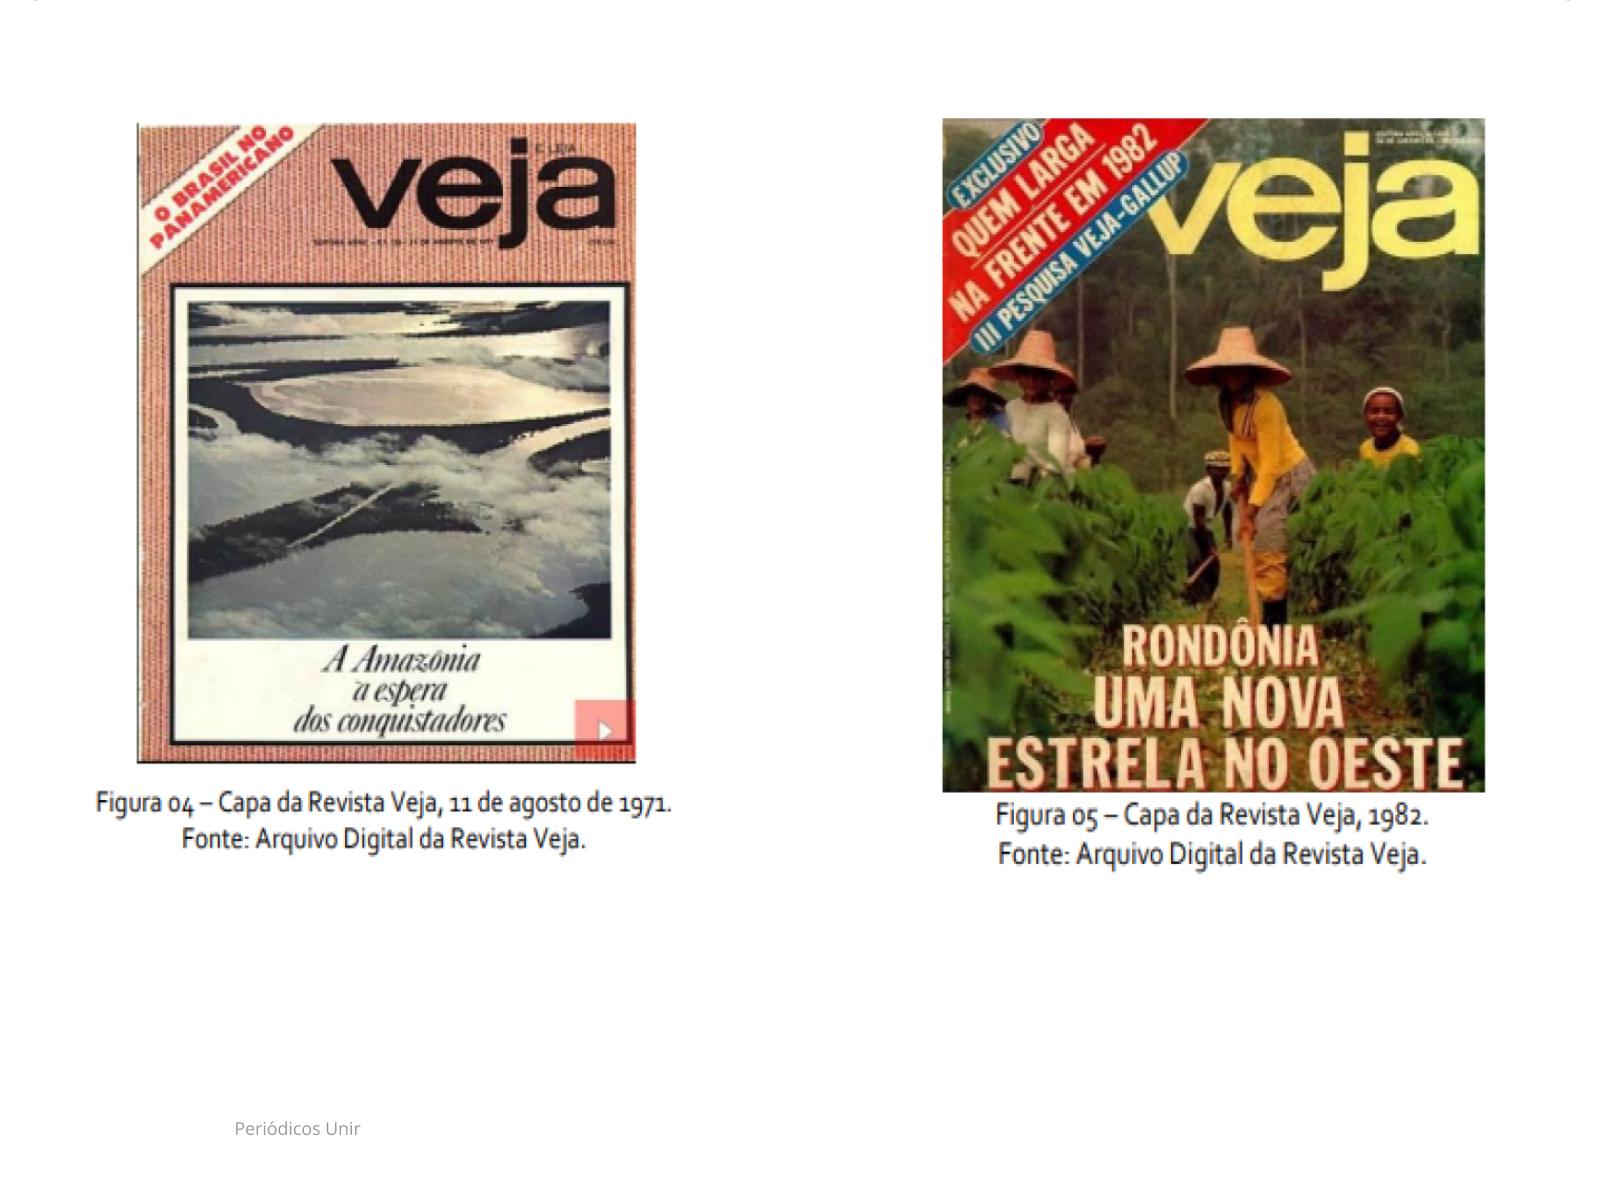 Os processos migratórios e o surgimento do Estado de Rondônia